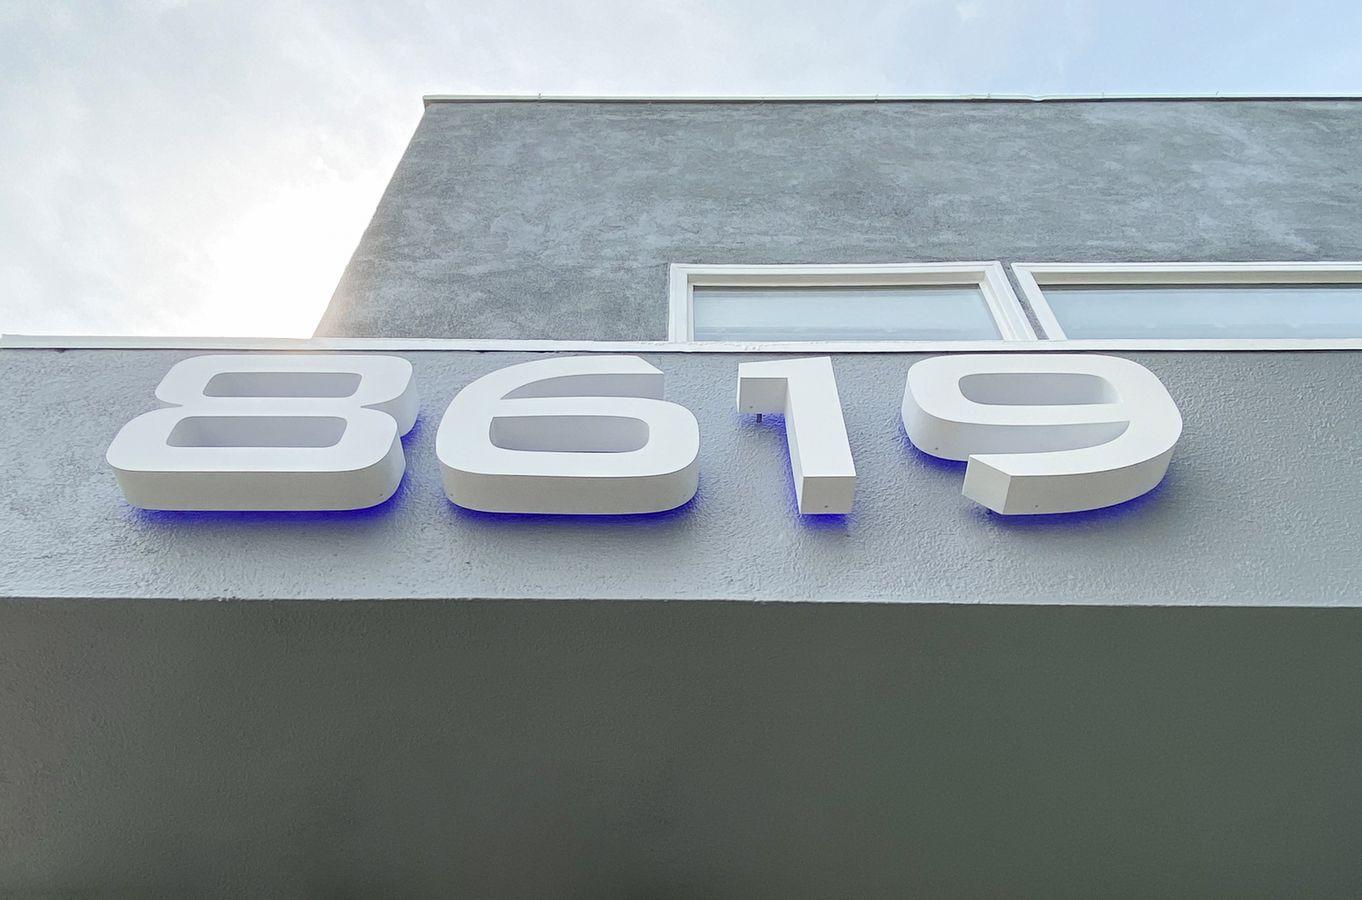 Backlit white letters